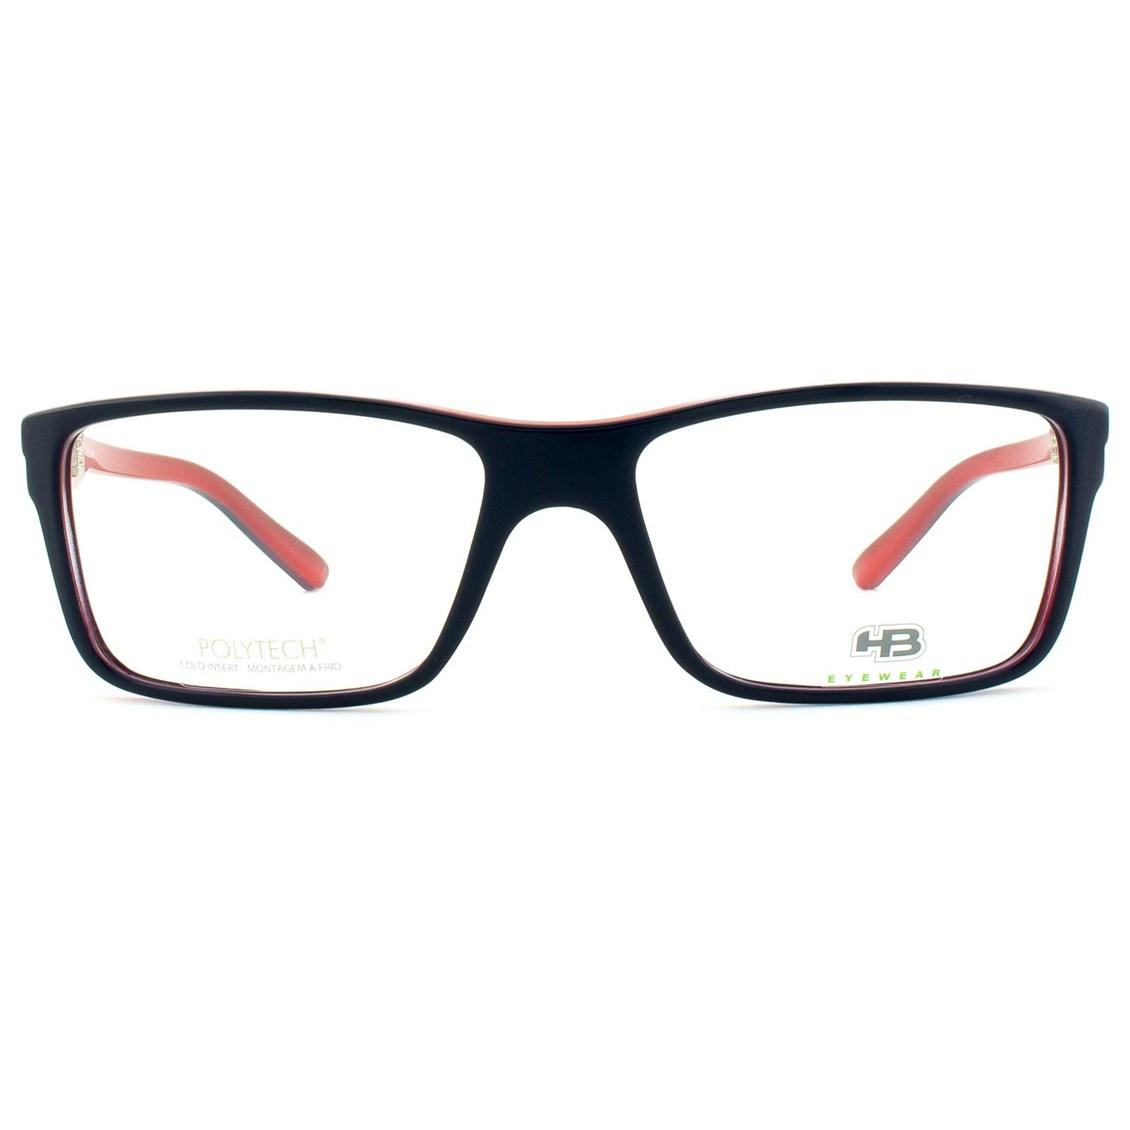 Óculos de Grau HB Polytech 93024 329/33-Único